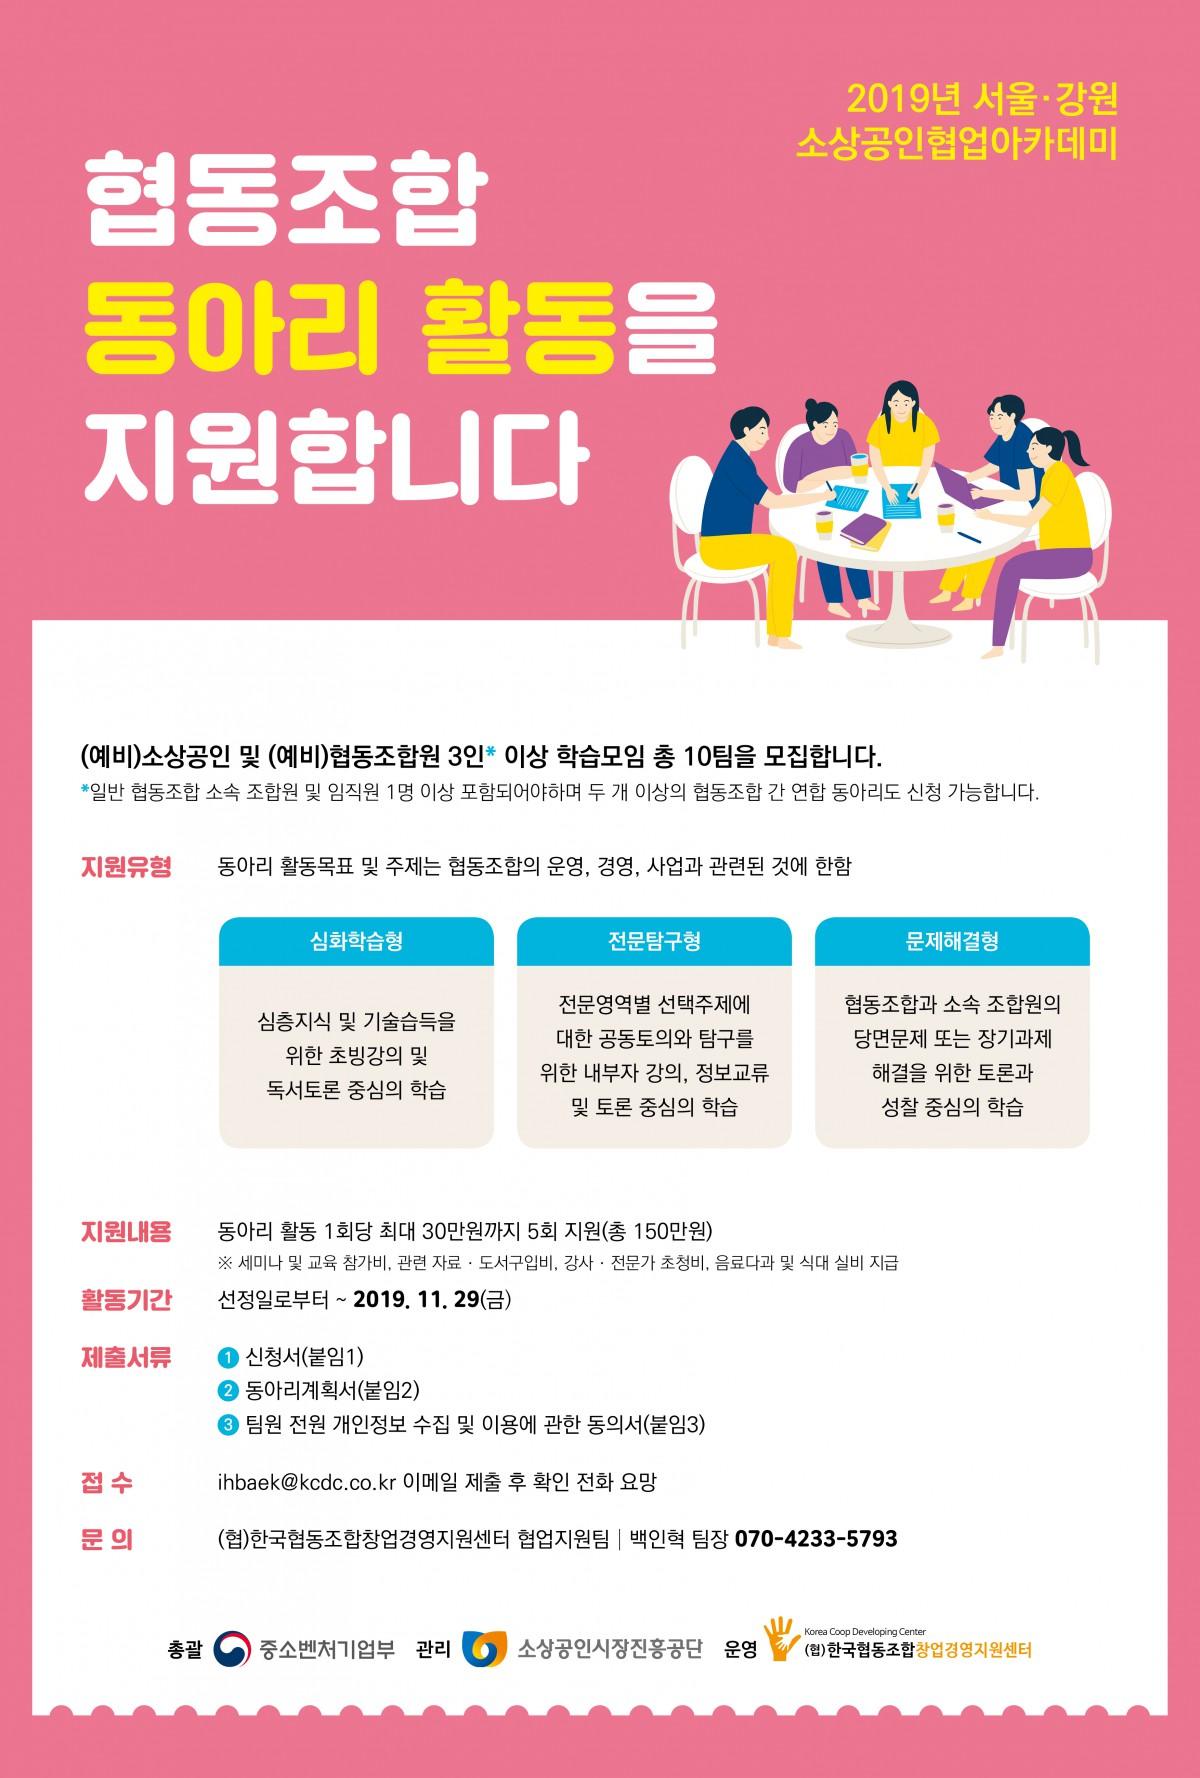 [공지] 서울강원소상공인협업아카데미 | 강원권 동아리 모집 공고